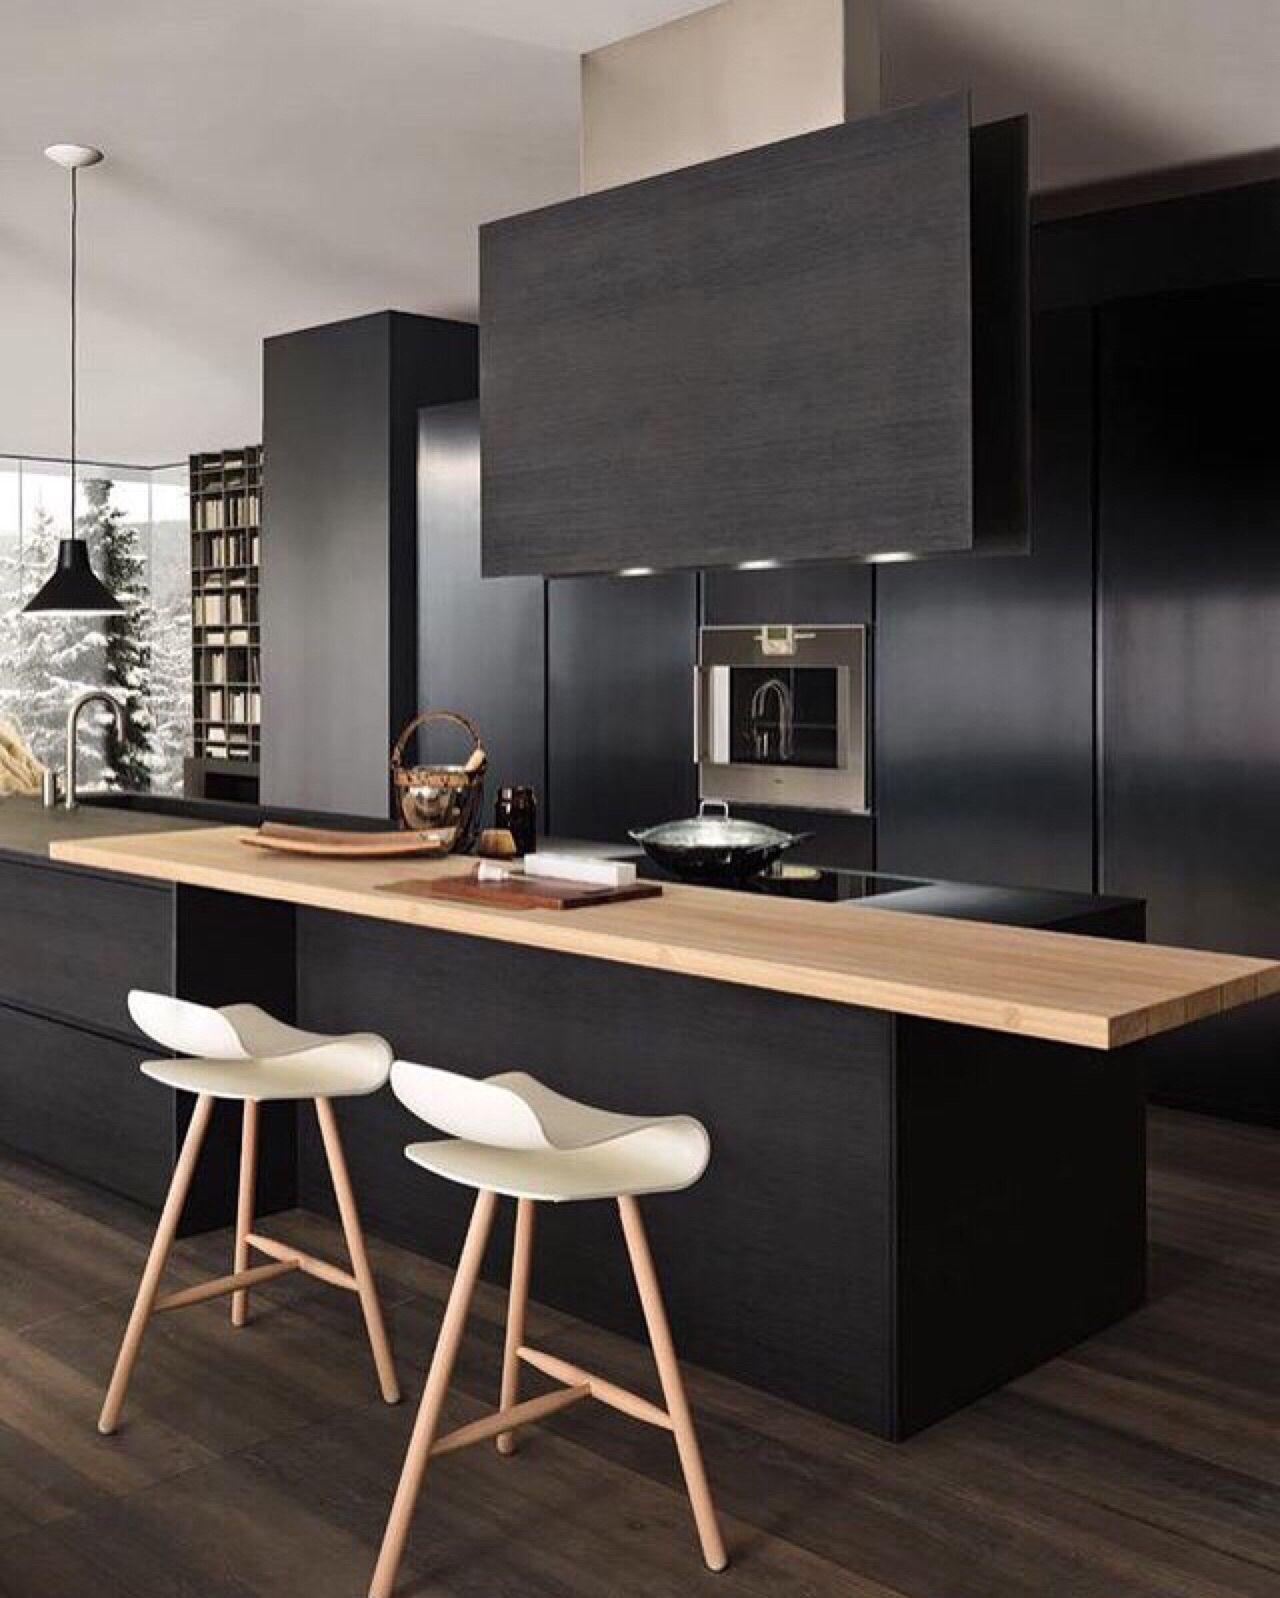 Pin von Jim Foster auf Hot Kitchens | Pinterest | Küche, Moderne ...